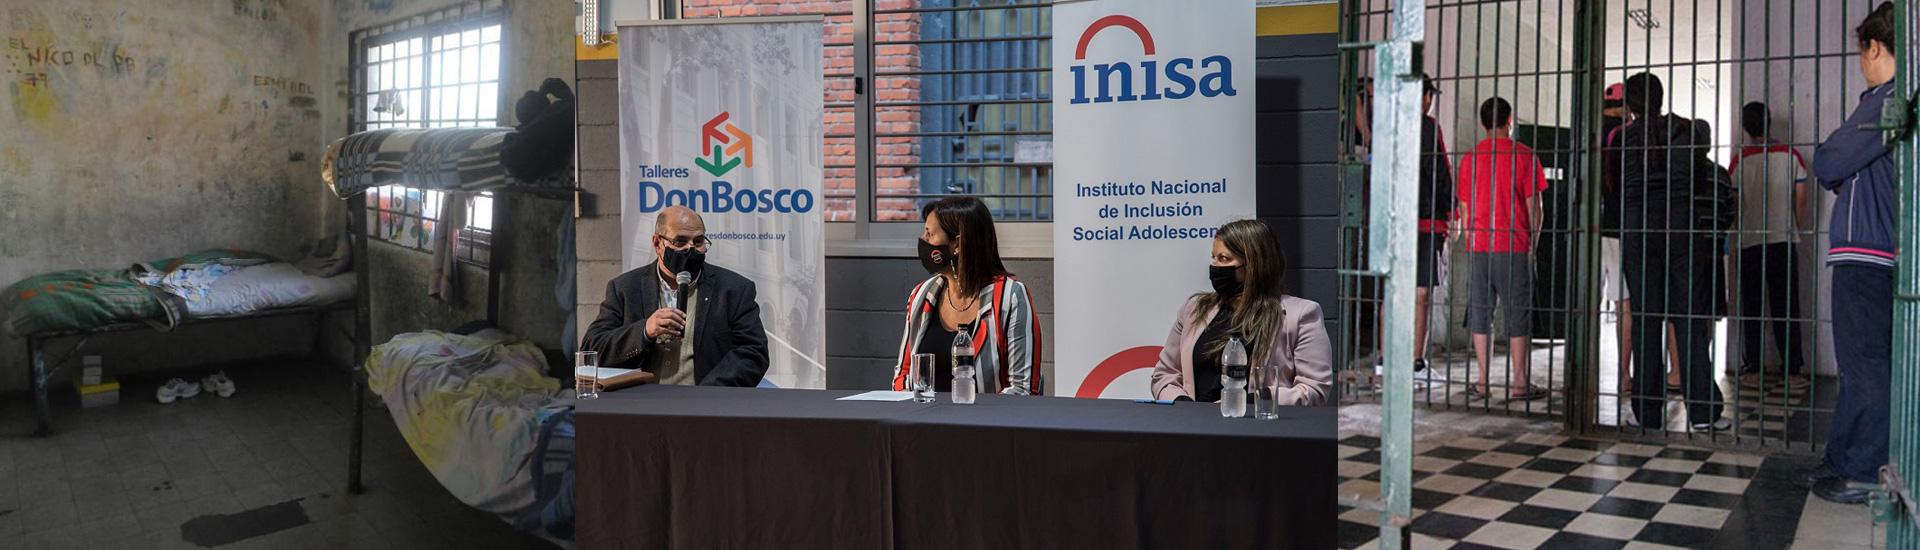 Adolescentes privados de libertad en Uruguay aprenderán mecánica gracias a las Escuelas Profesionales Don Bosco